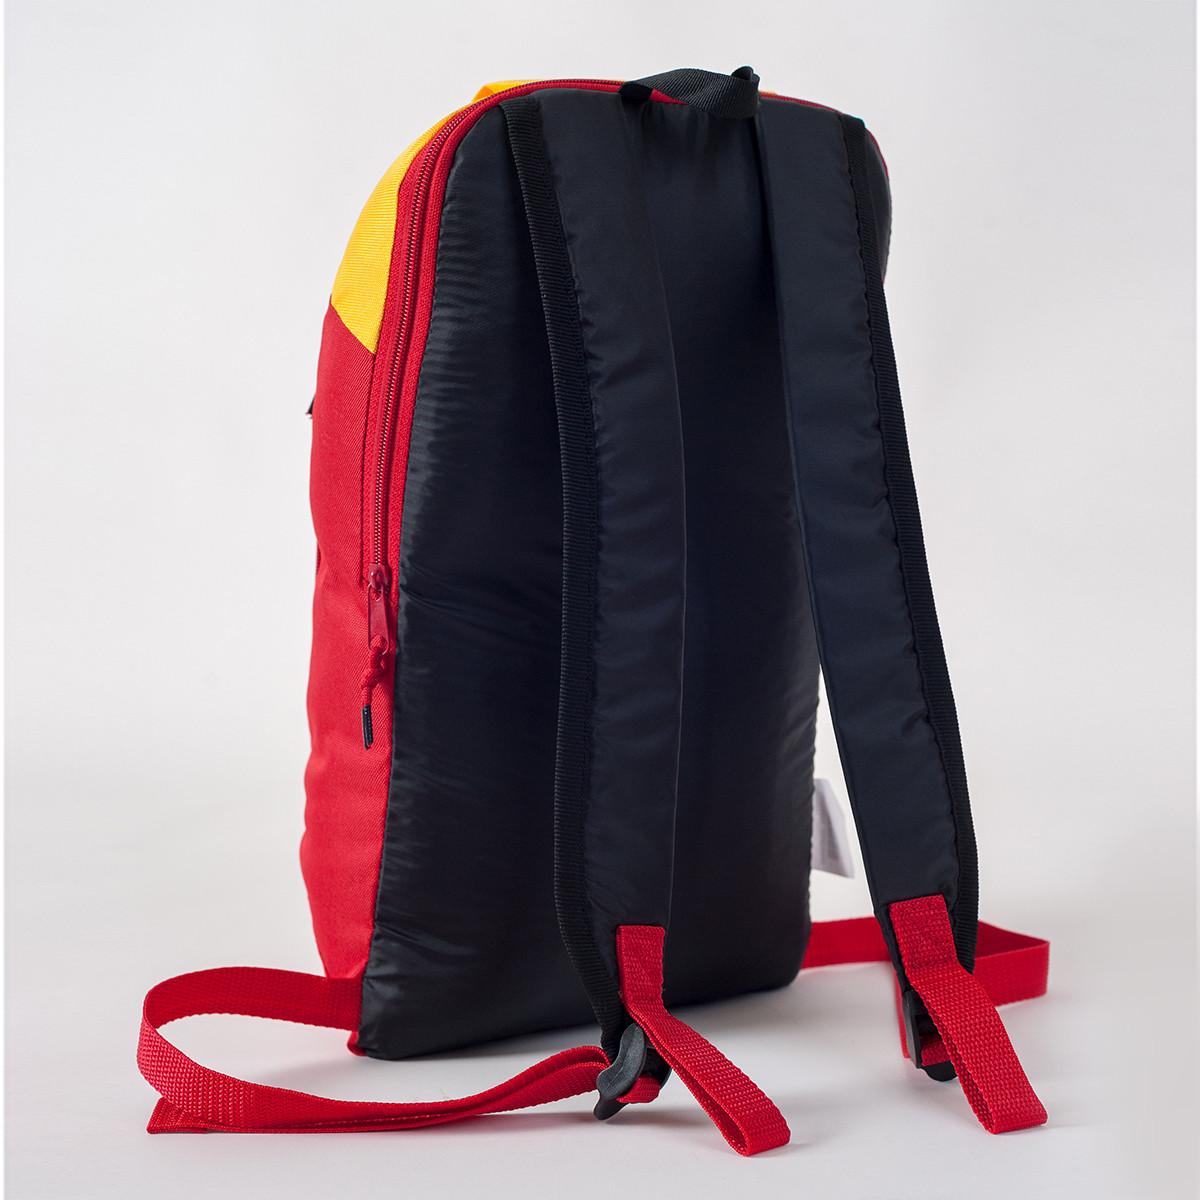 Спортивный рюкзак MAYERS 10L, красный + желтый, фото 3